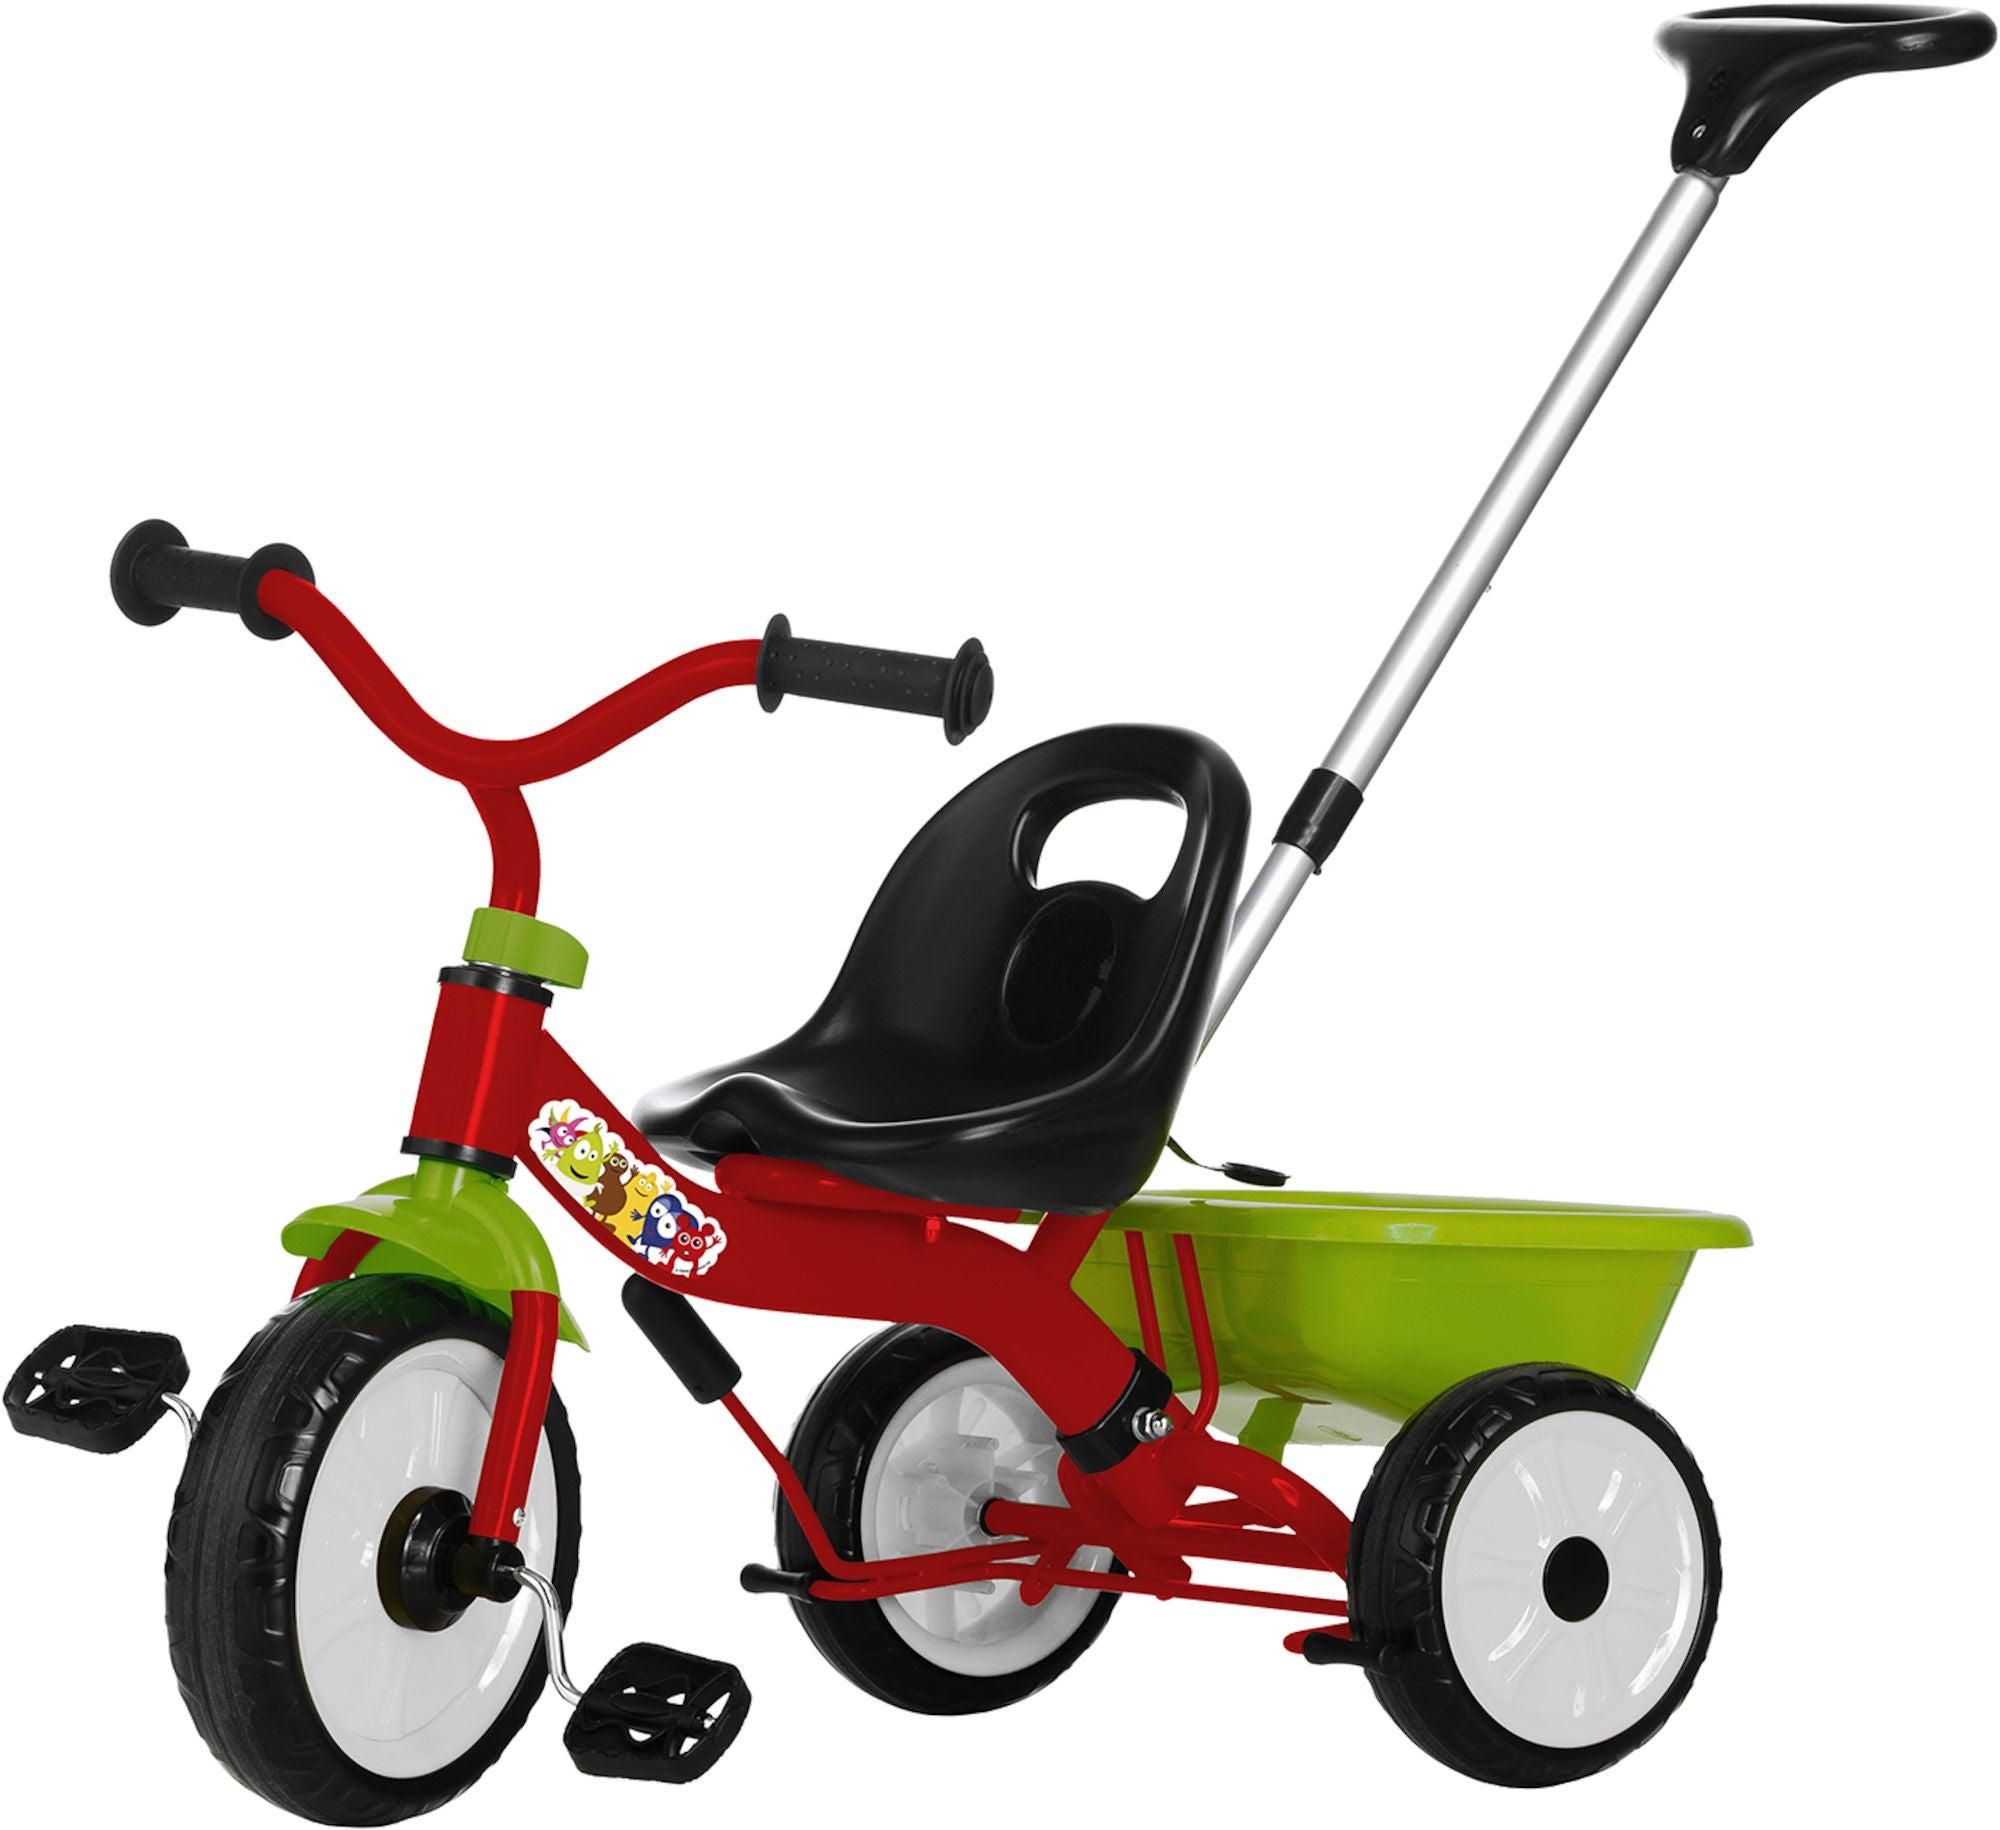 Nordic Hoj Trehjuling Babblarna